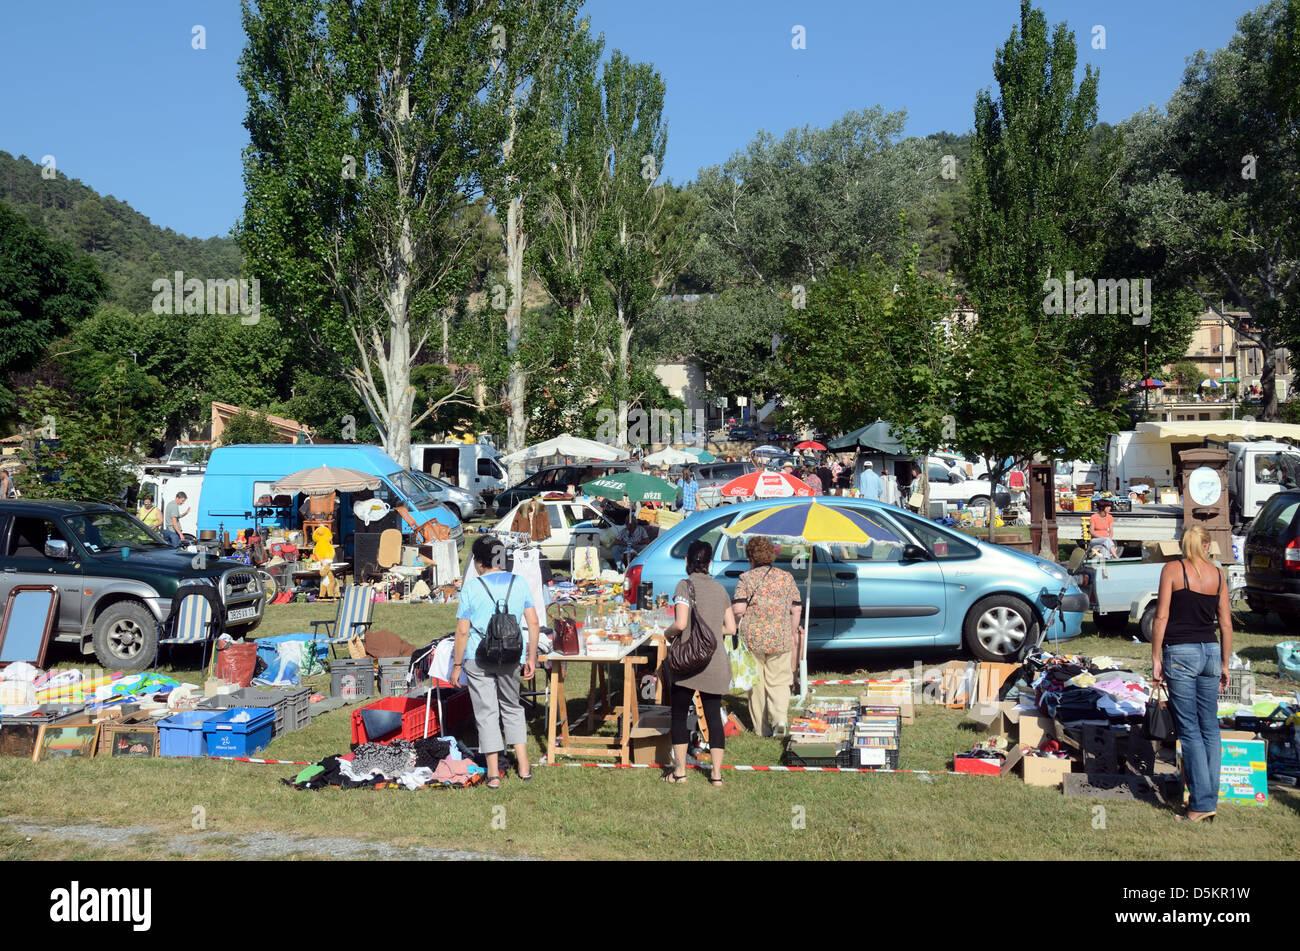 Vide Grenier Brocante or Jumble Sale Mezel France - Stock Image